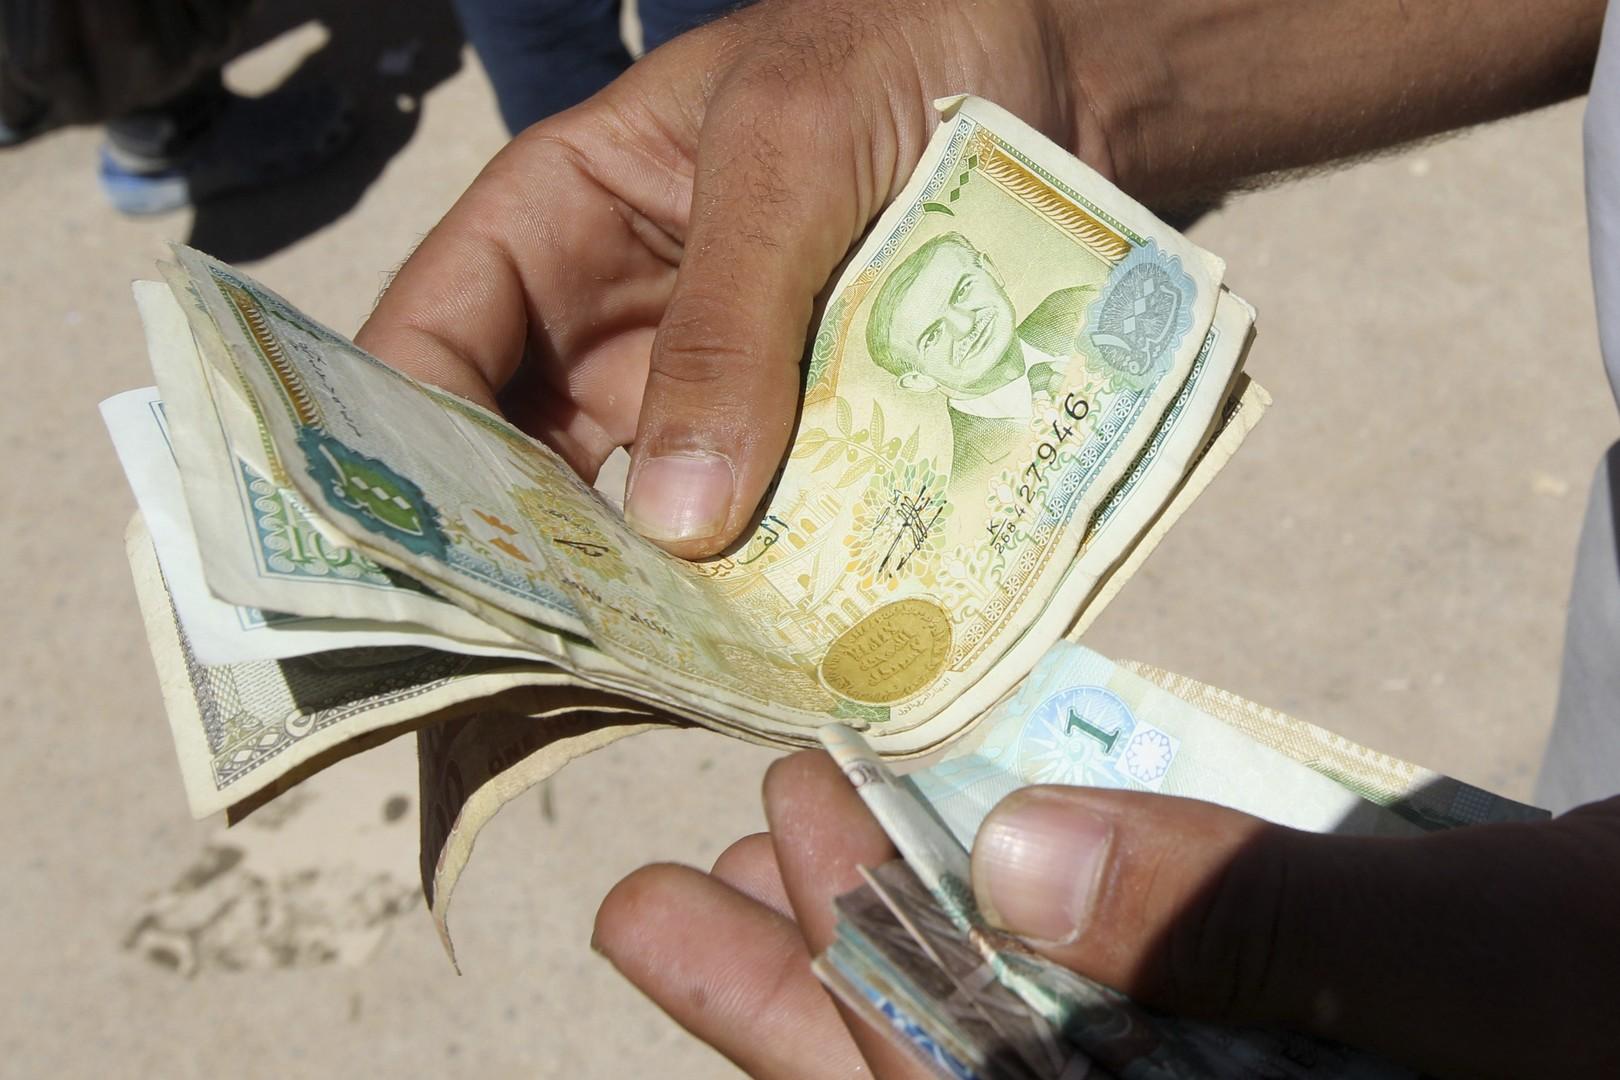 المركزي السوري عن الدولار: ارتفاعه وهمي.. وبتواطؤ داخلي